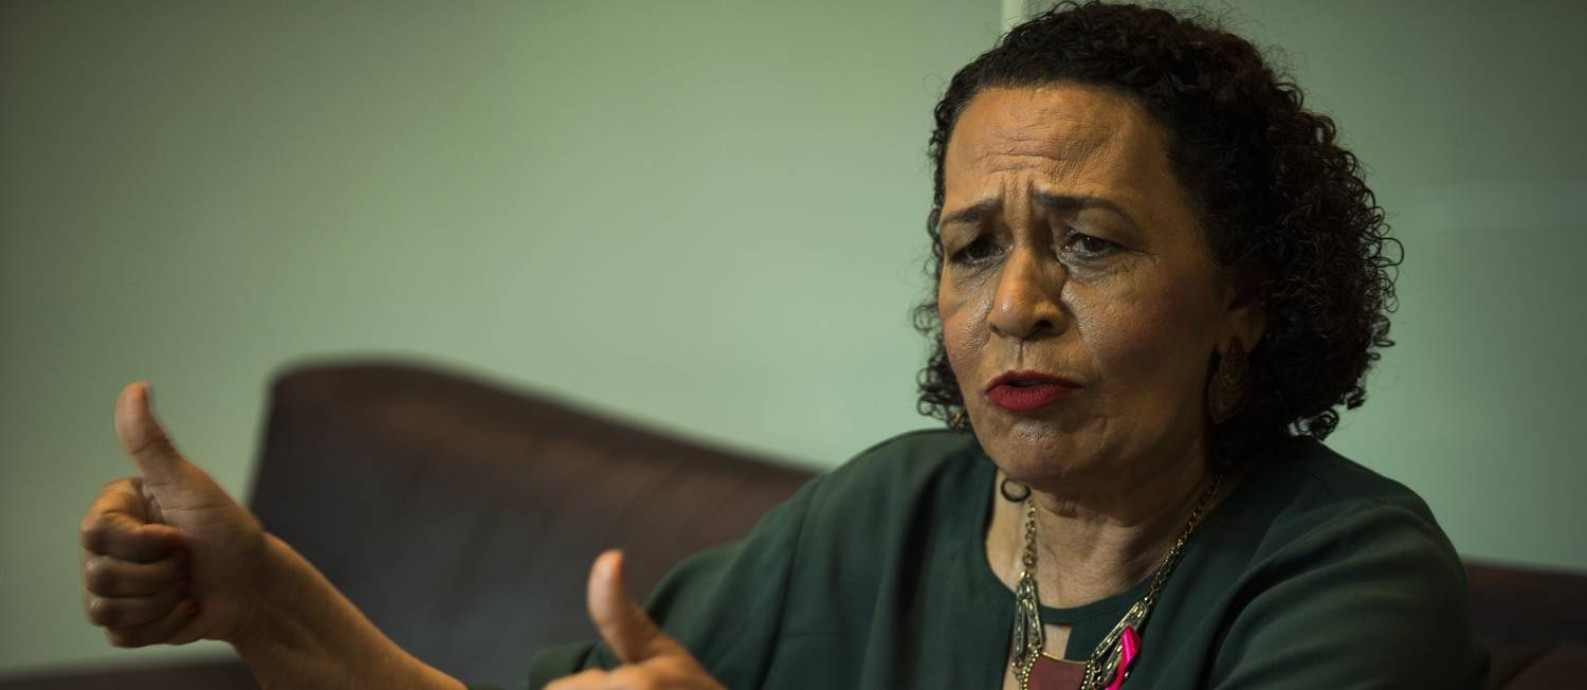 Suêd Haidar, do PMB é candidata à prefeitura do Rio Foto: Guito Moreto/Agência O Globo